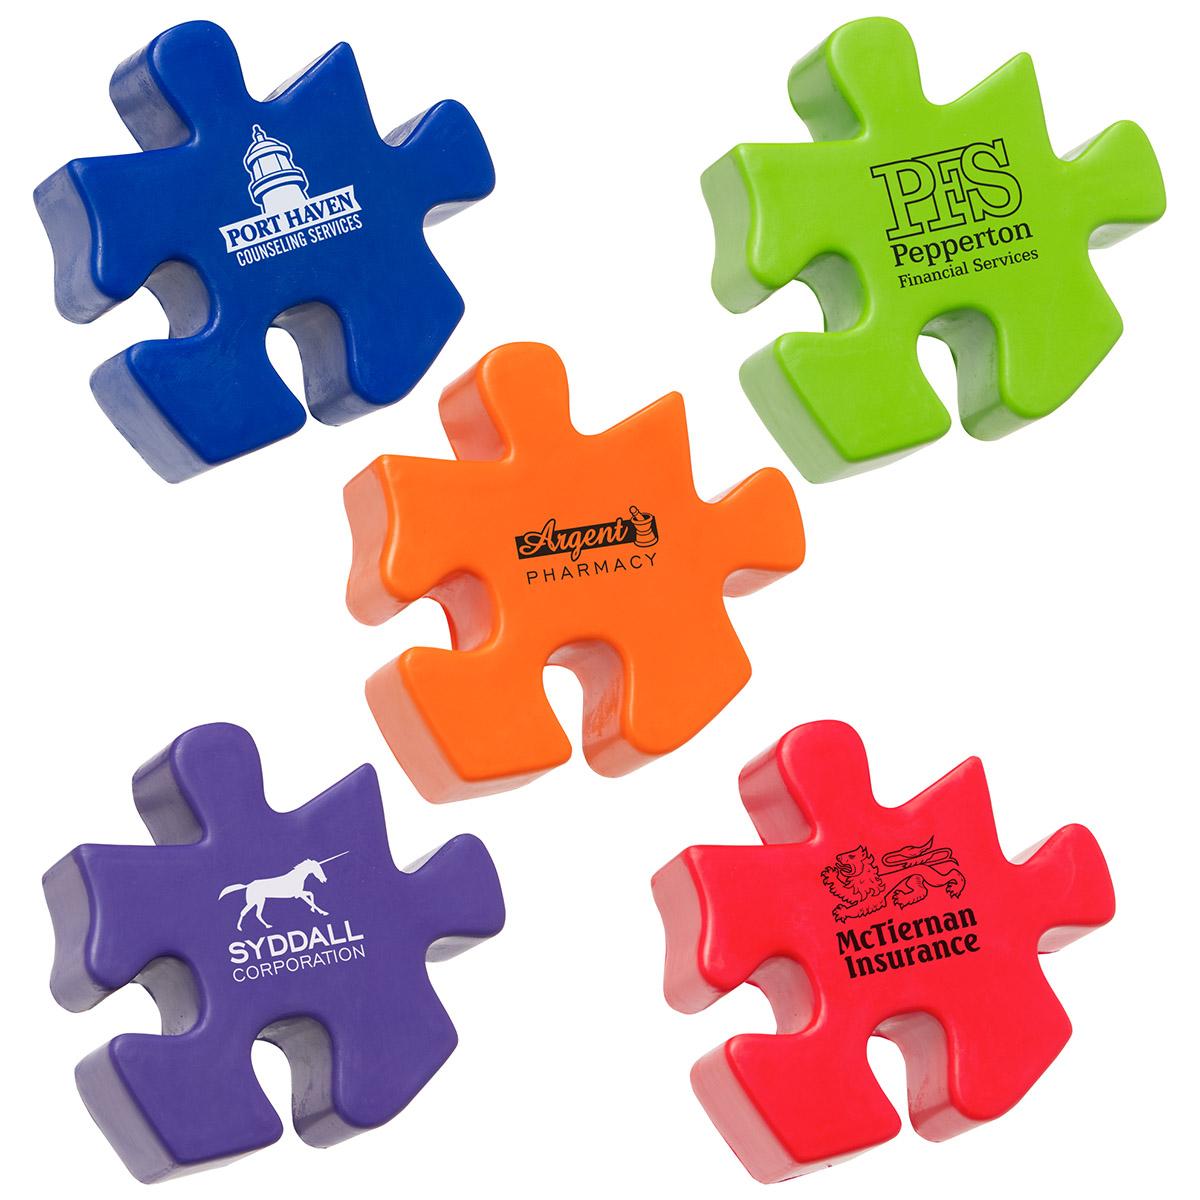 Puzzle Piece Stress Reliever, LGS-PZ01, 1 Colour Imprint